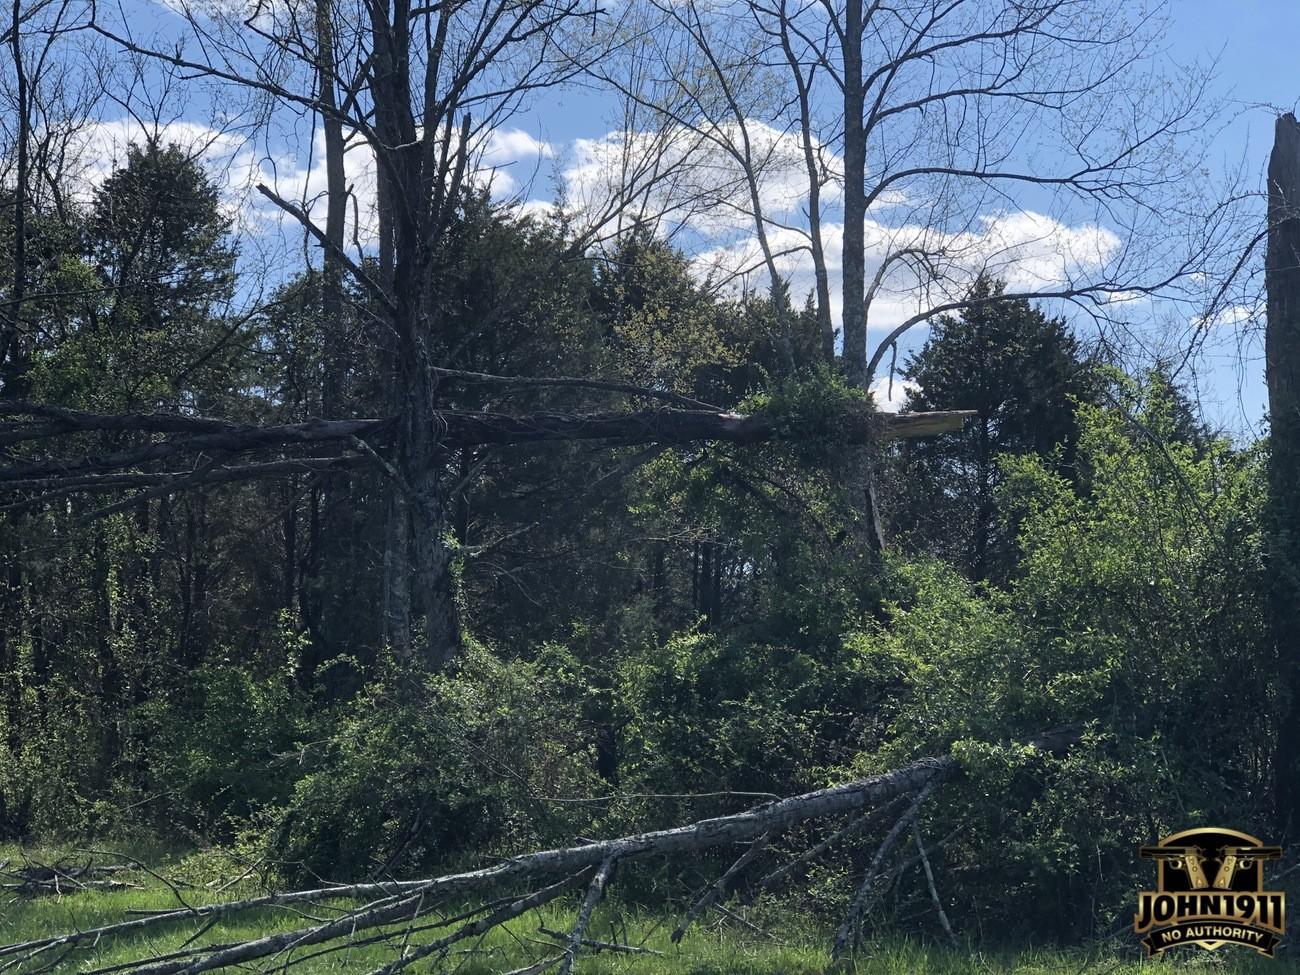 John1911 Storm Damage April 2020